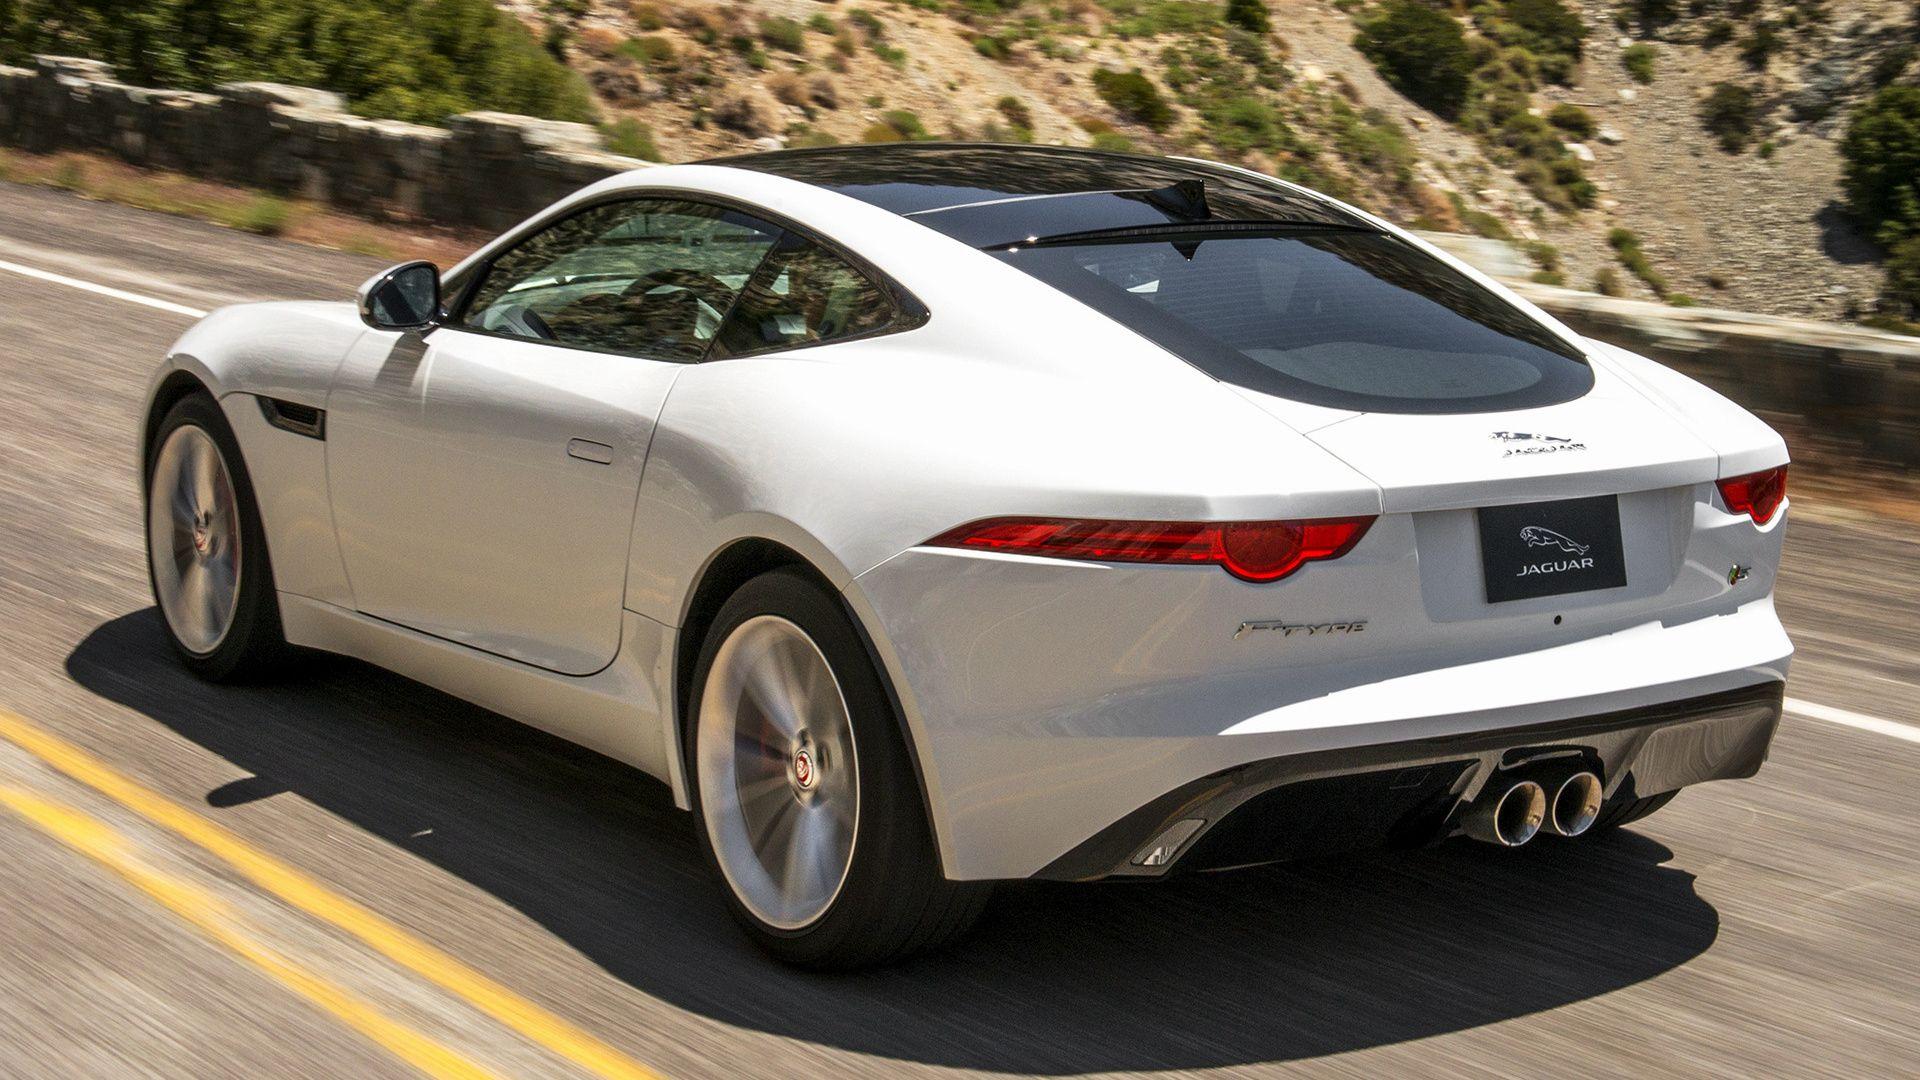 2015 Jaguar F-Type S Coupé